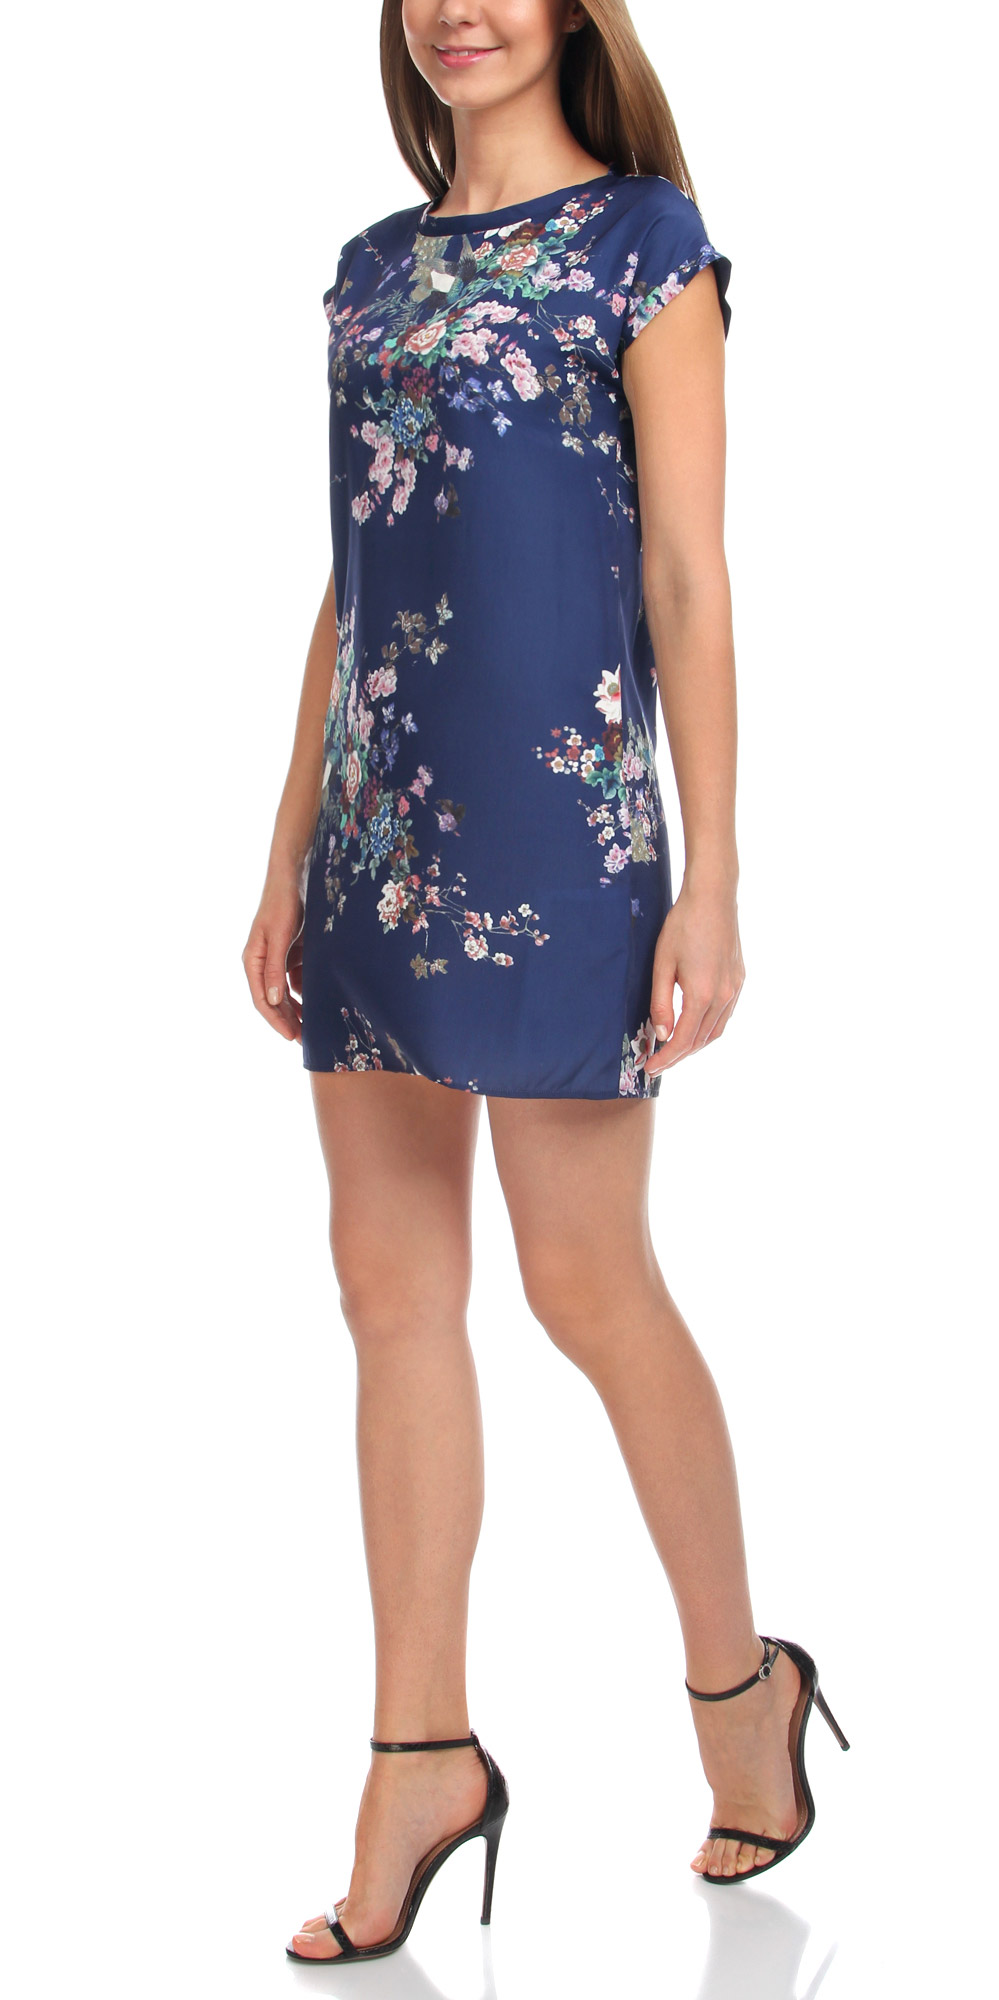 Платье oodji Collection, цвет: темно-синий, мультиколор. 21911019/35173/7919F. Размер 38-170 (44-170)21911019/35173/7919FМодное платье oodji Collection станет отличным дополнением к вашему гардеробу. Модель выполнена из качественного полиэстера. Платье-мини с круглым вырезом горловины и короткими цельнокроеными рукавами не имеет застежки. Оформлена модель принтом в восточном стиле.